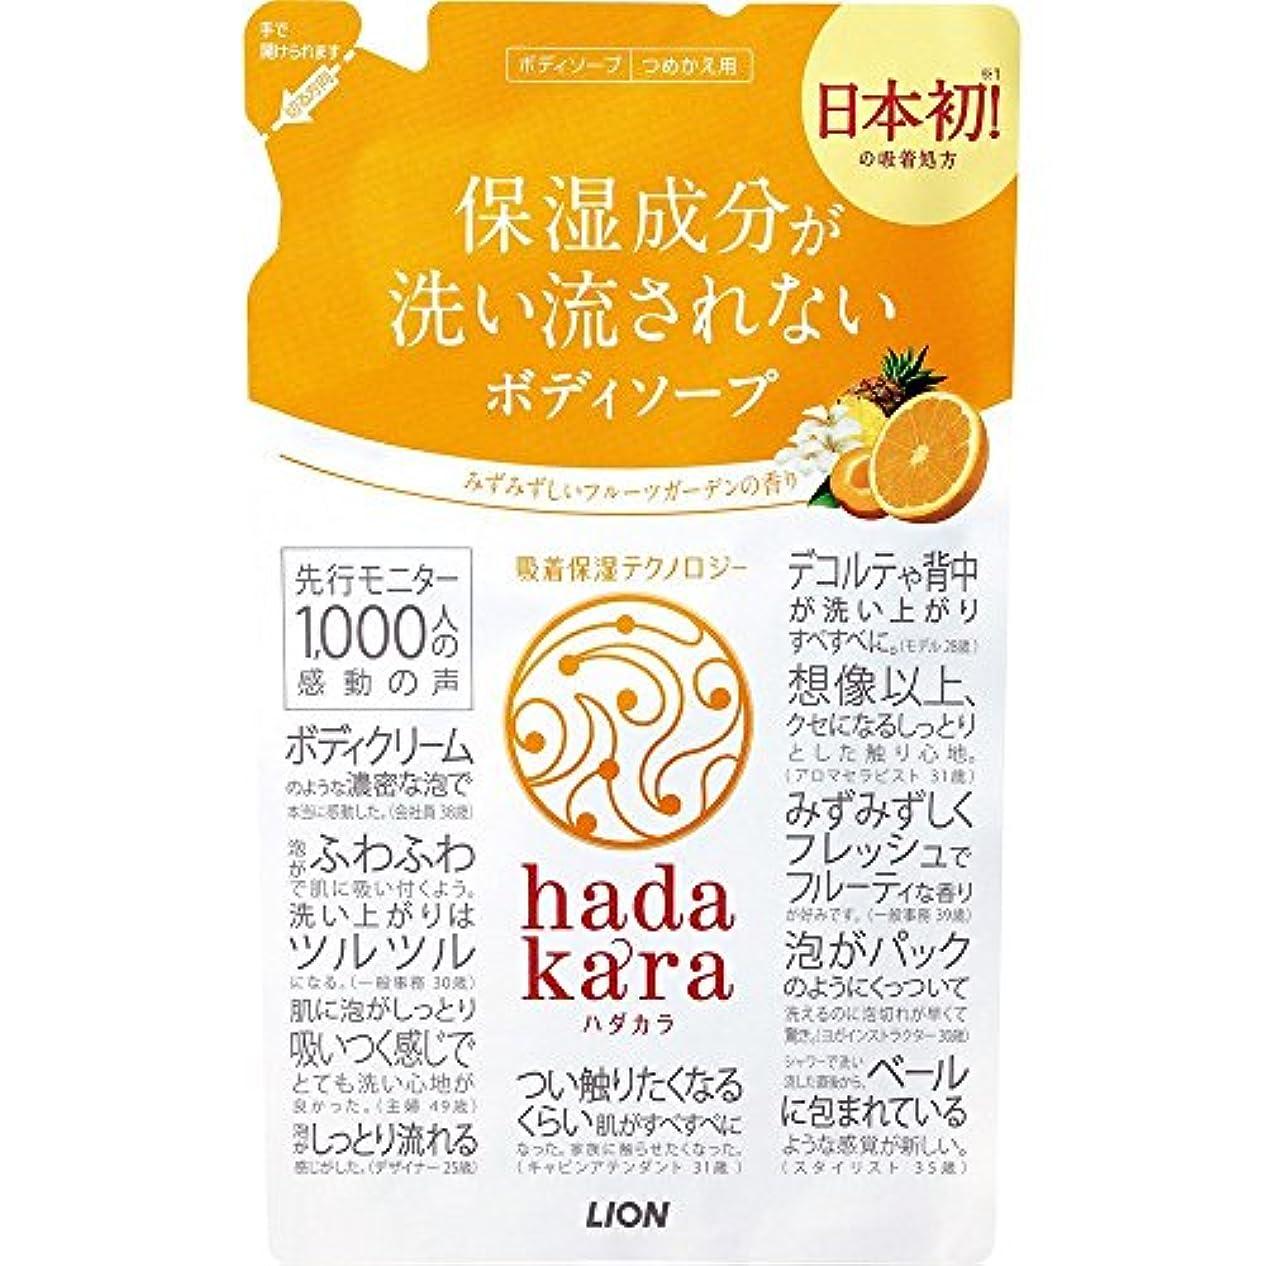 調べる裁定俳優hadakara(ハダカラ) ボディソープ フルーツガーデンの香り 詰め替え 360ml